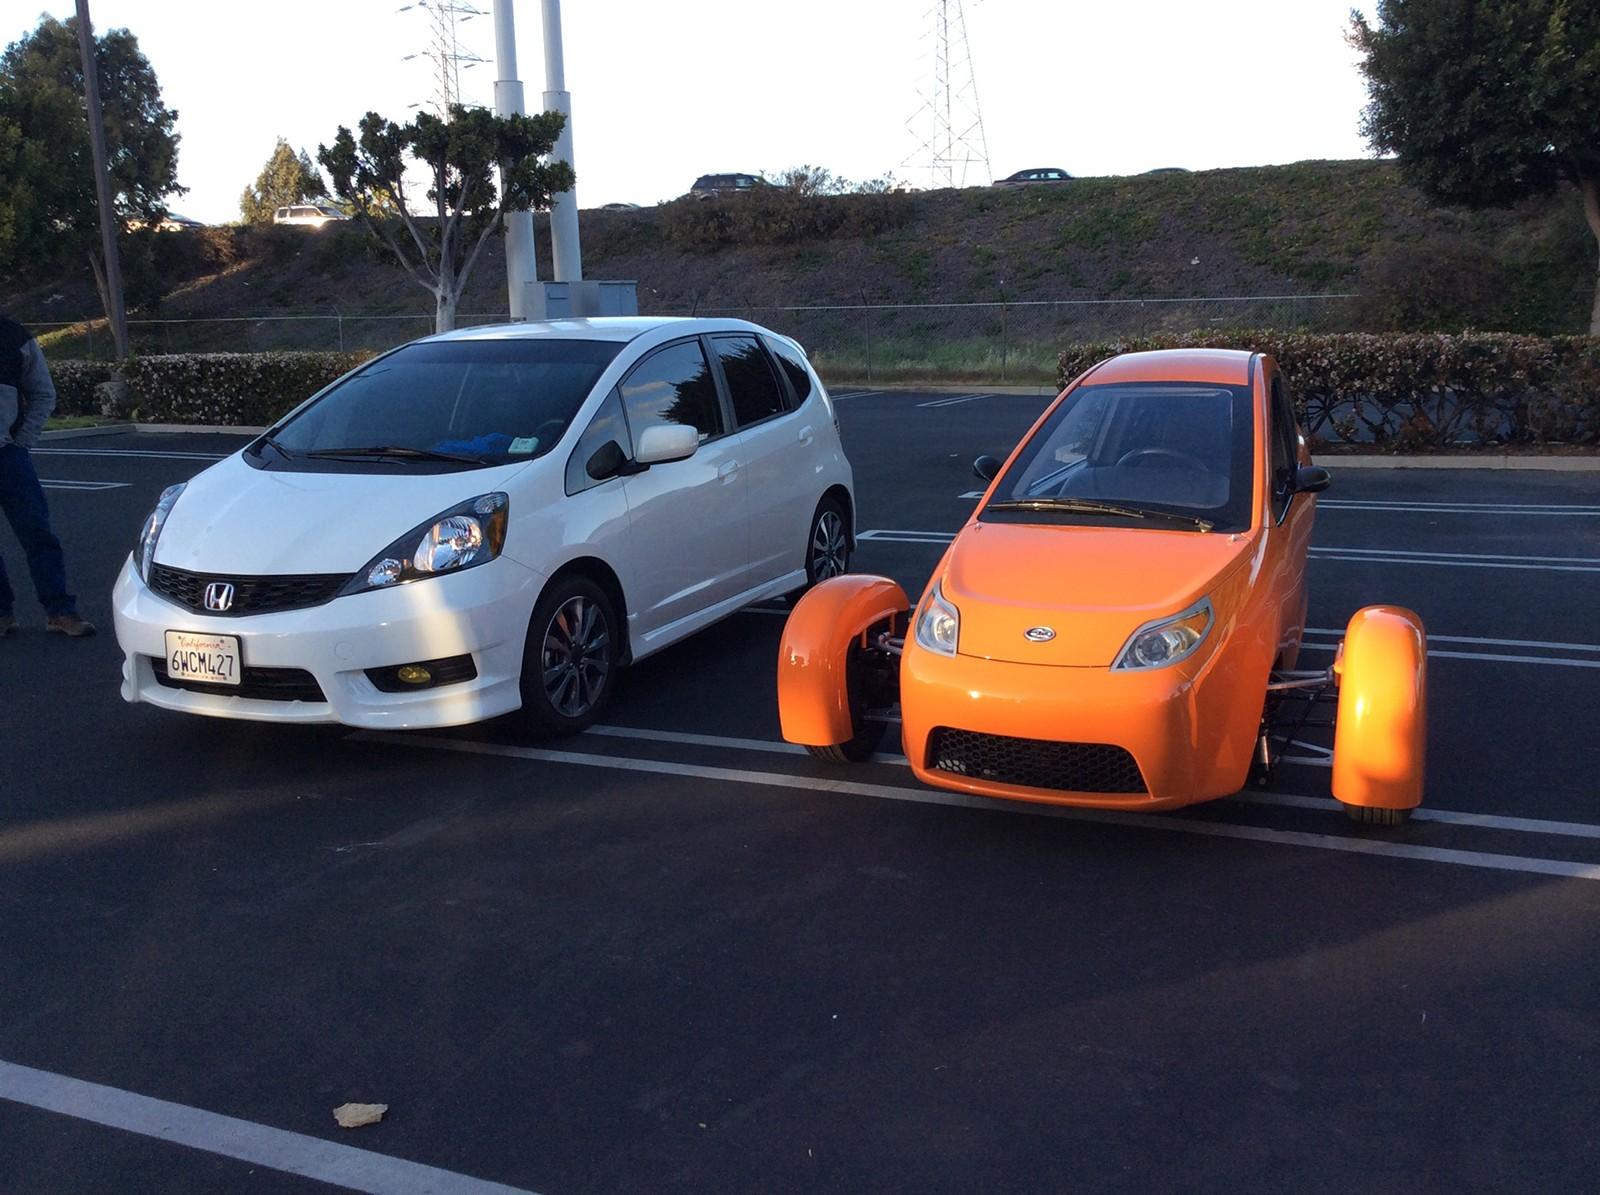 На фото: Elio рядом с обычным автомобилем